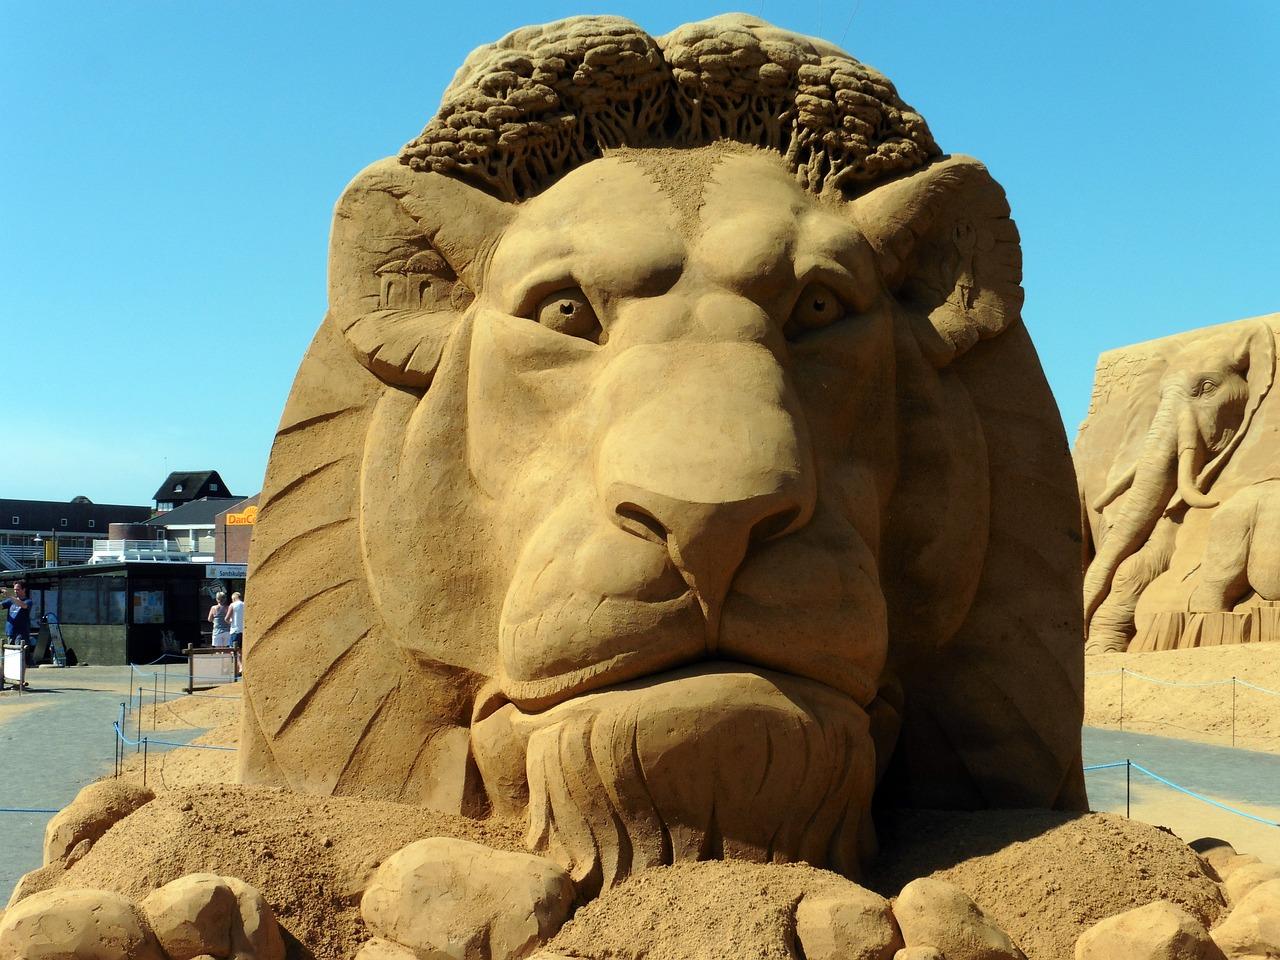 скульптура из песка фото выполнена прозрачного материала